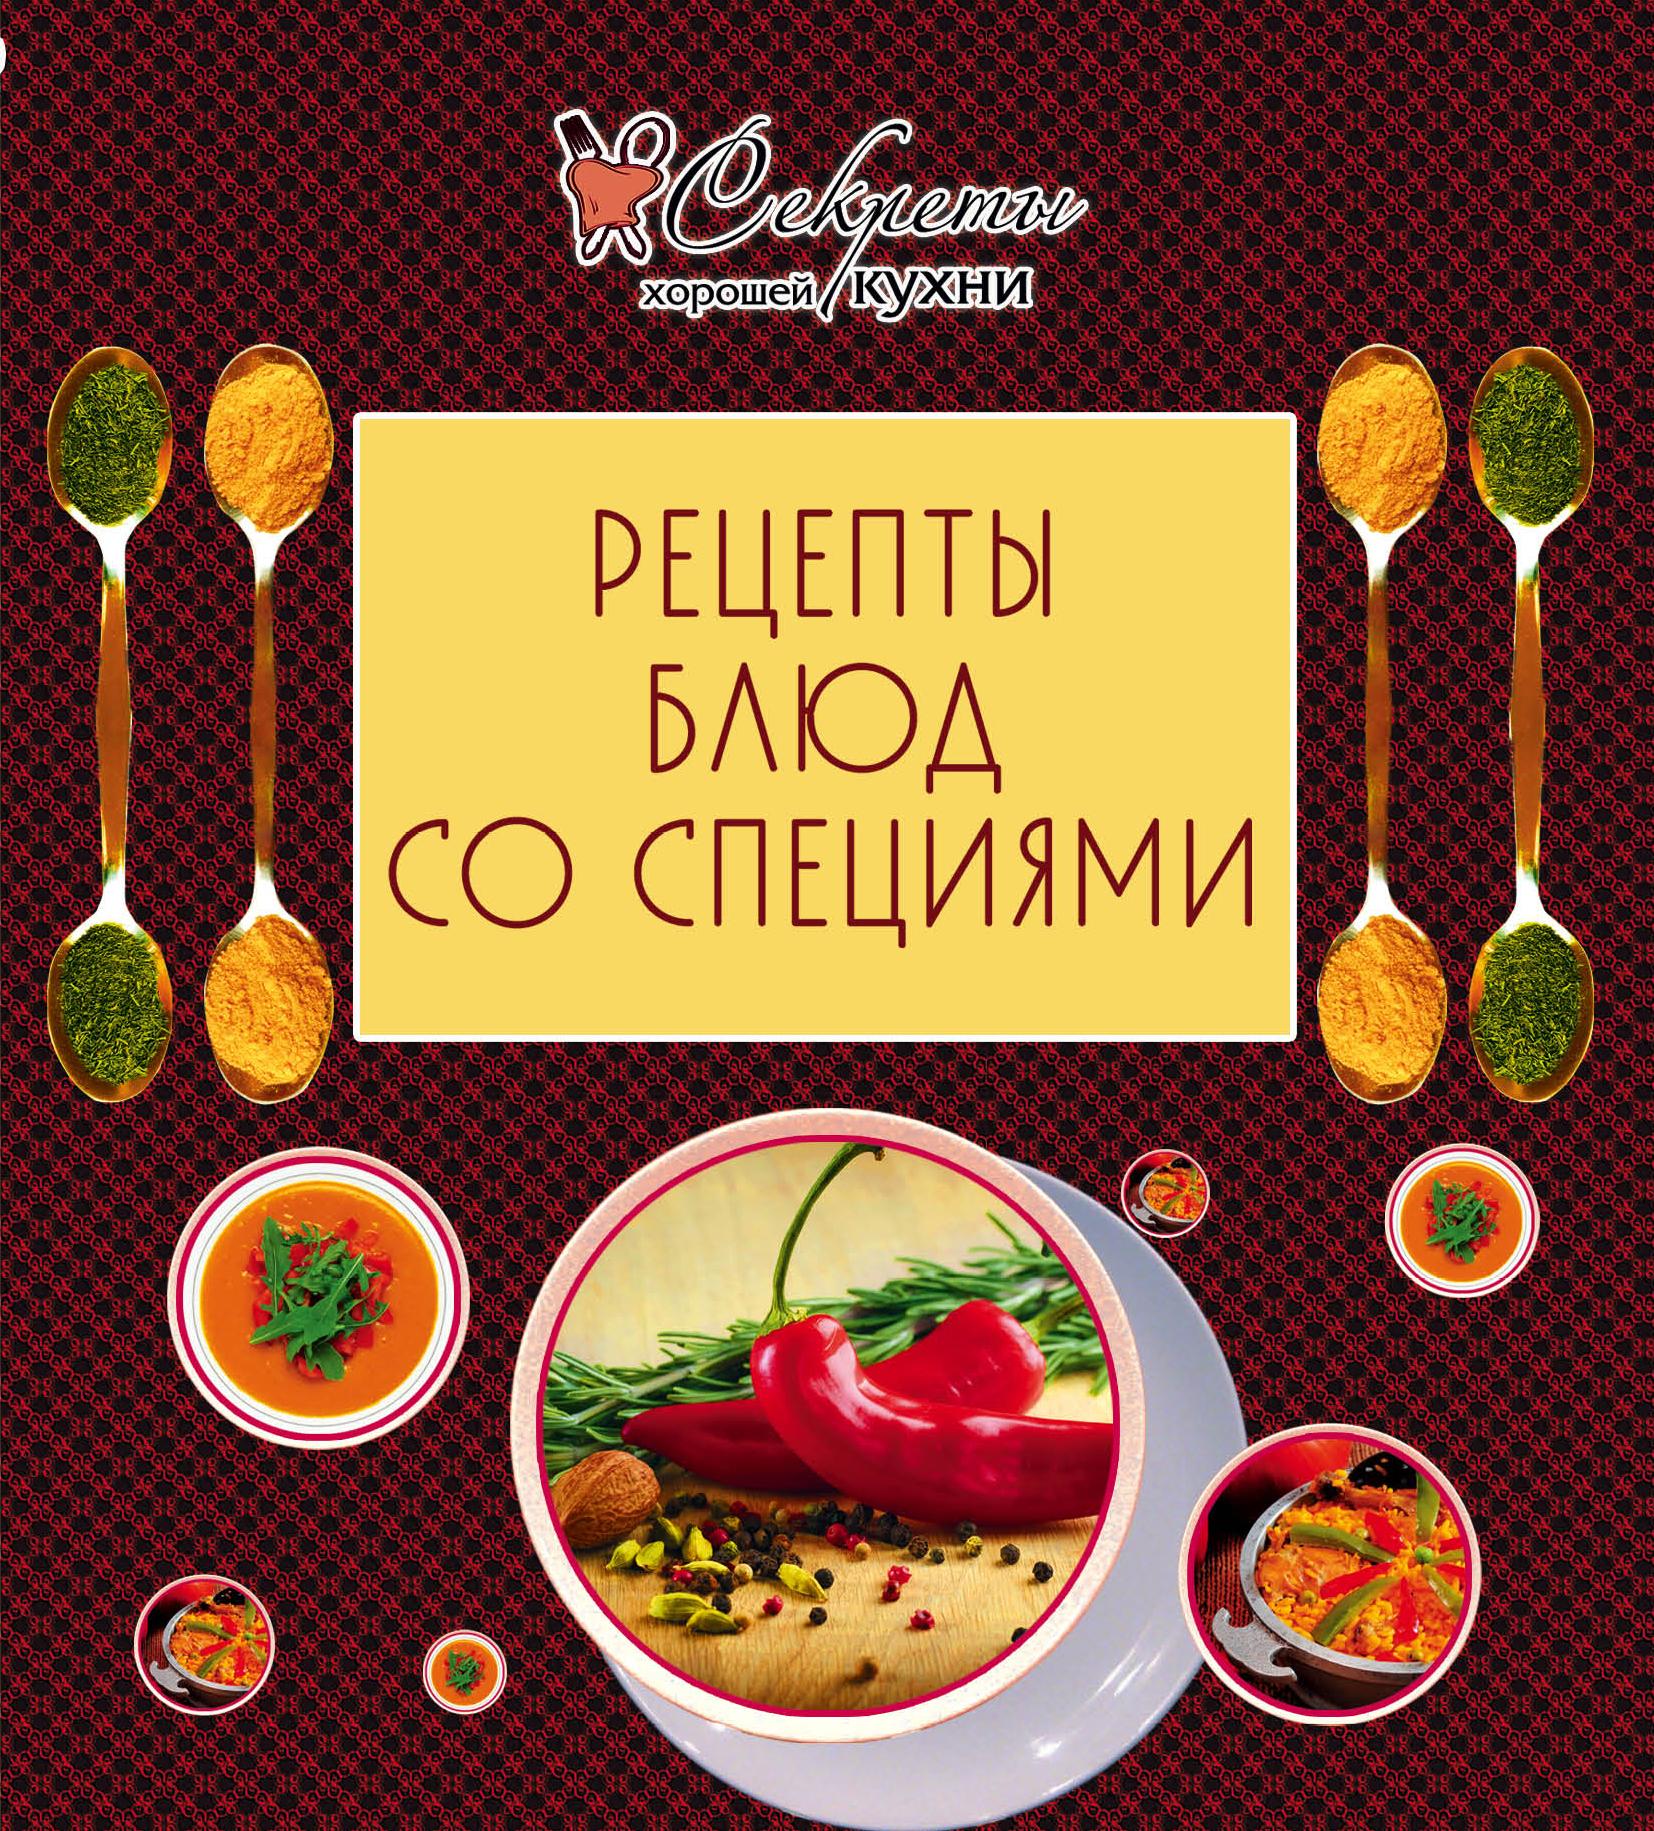 Рецепты блюд со специями (обложка)